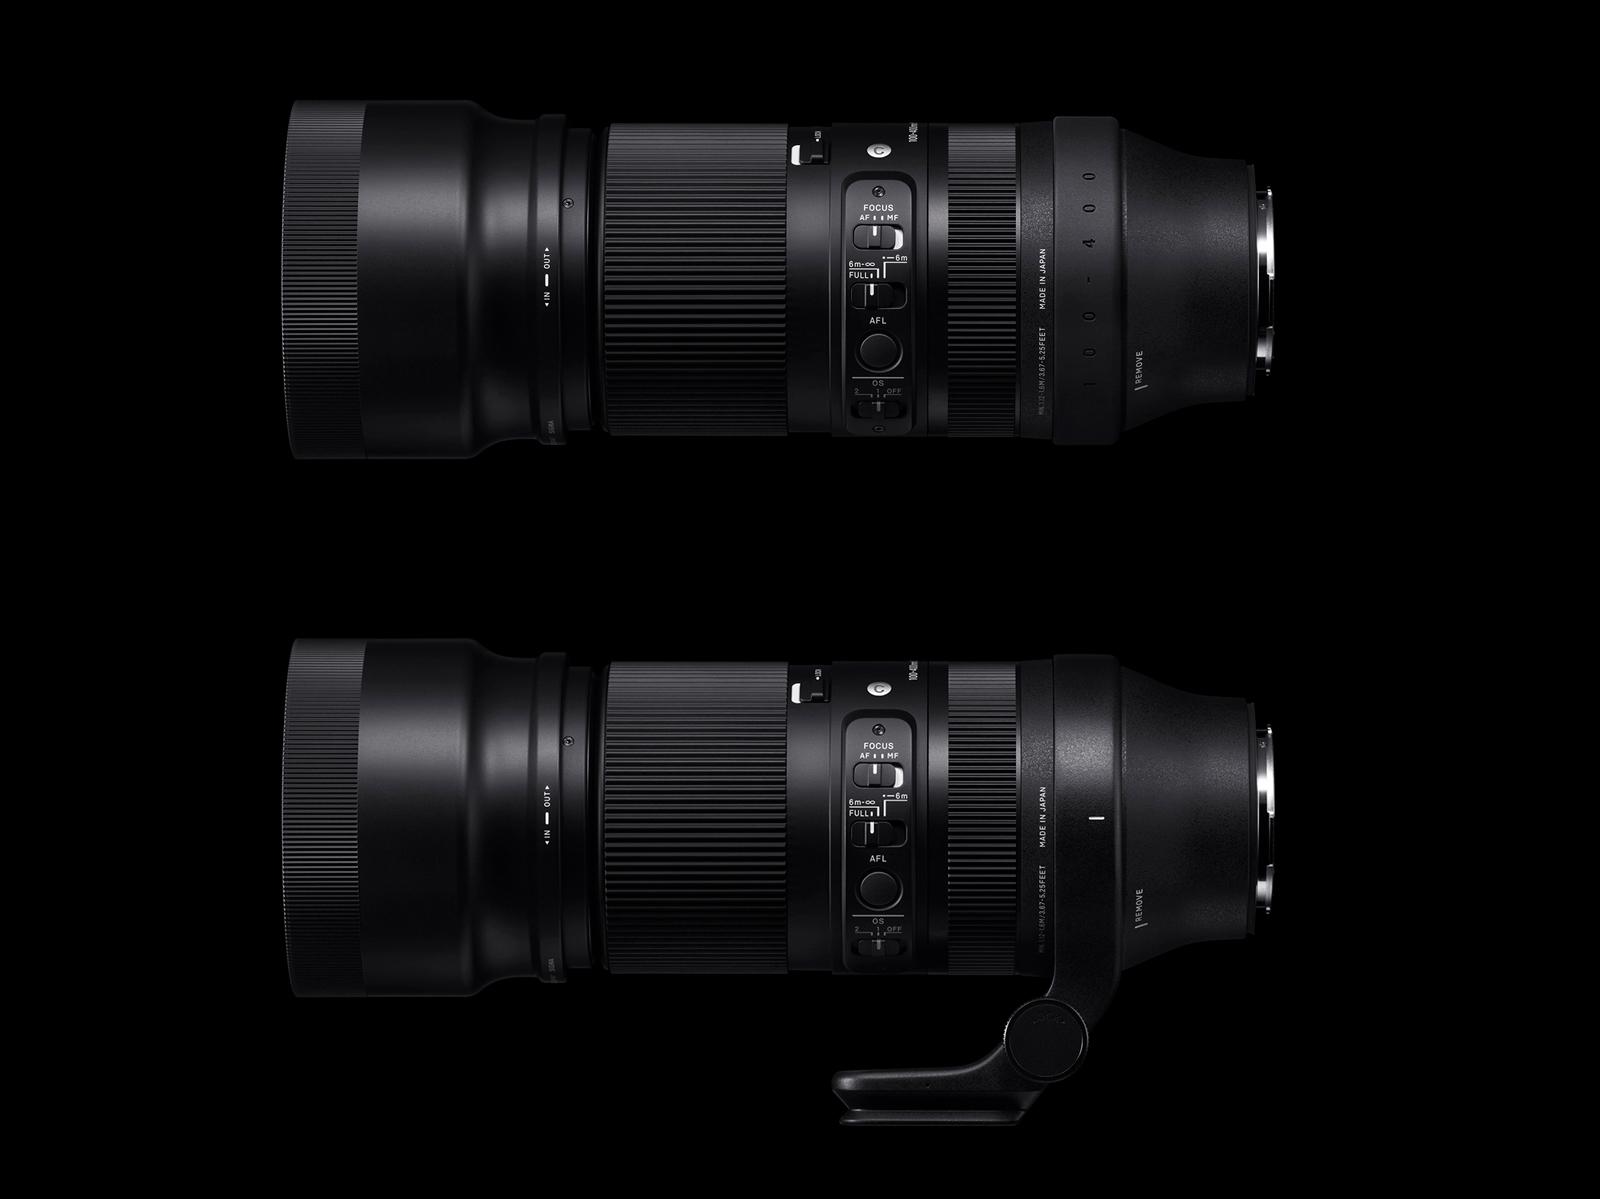 Presentato il nuovo Sigma 100-400mm per mirrorless full-frame thumbnail